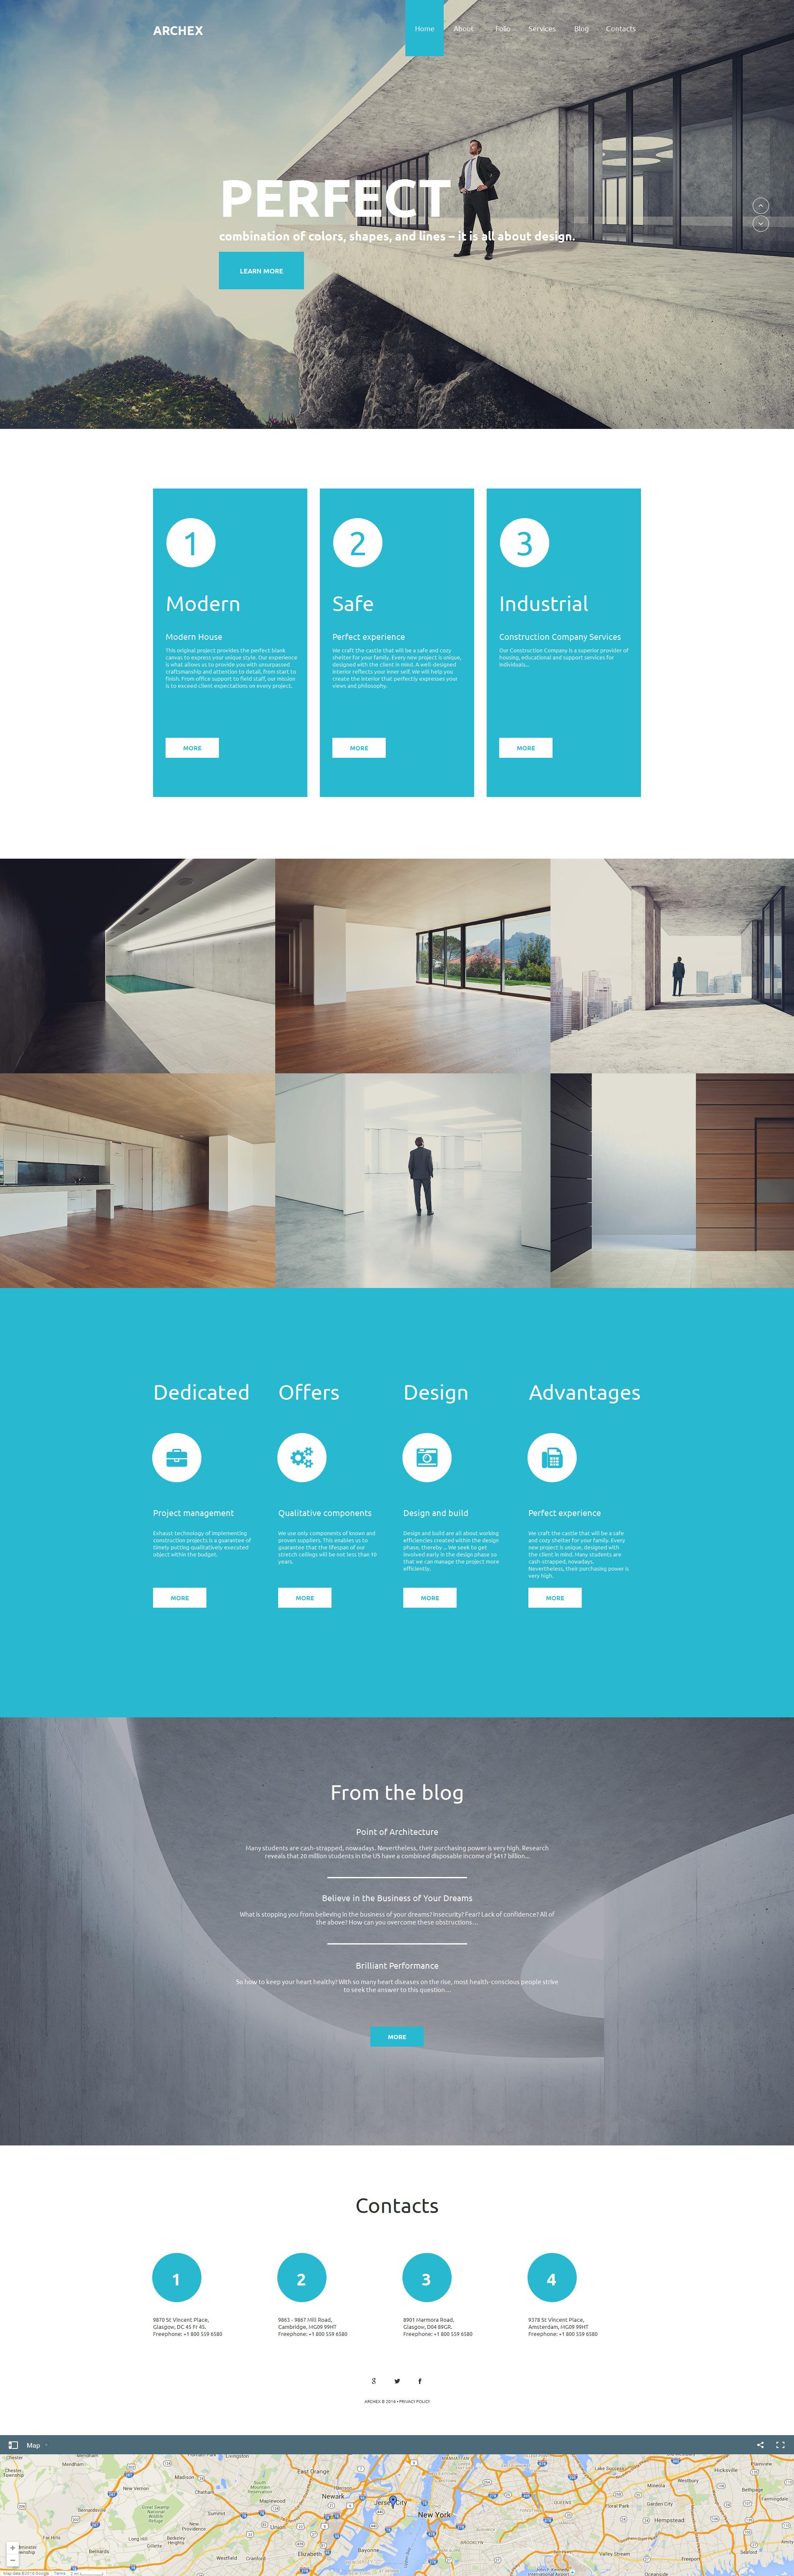 Moto CMS HTML Vorlage für Architektur #58473